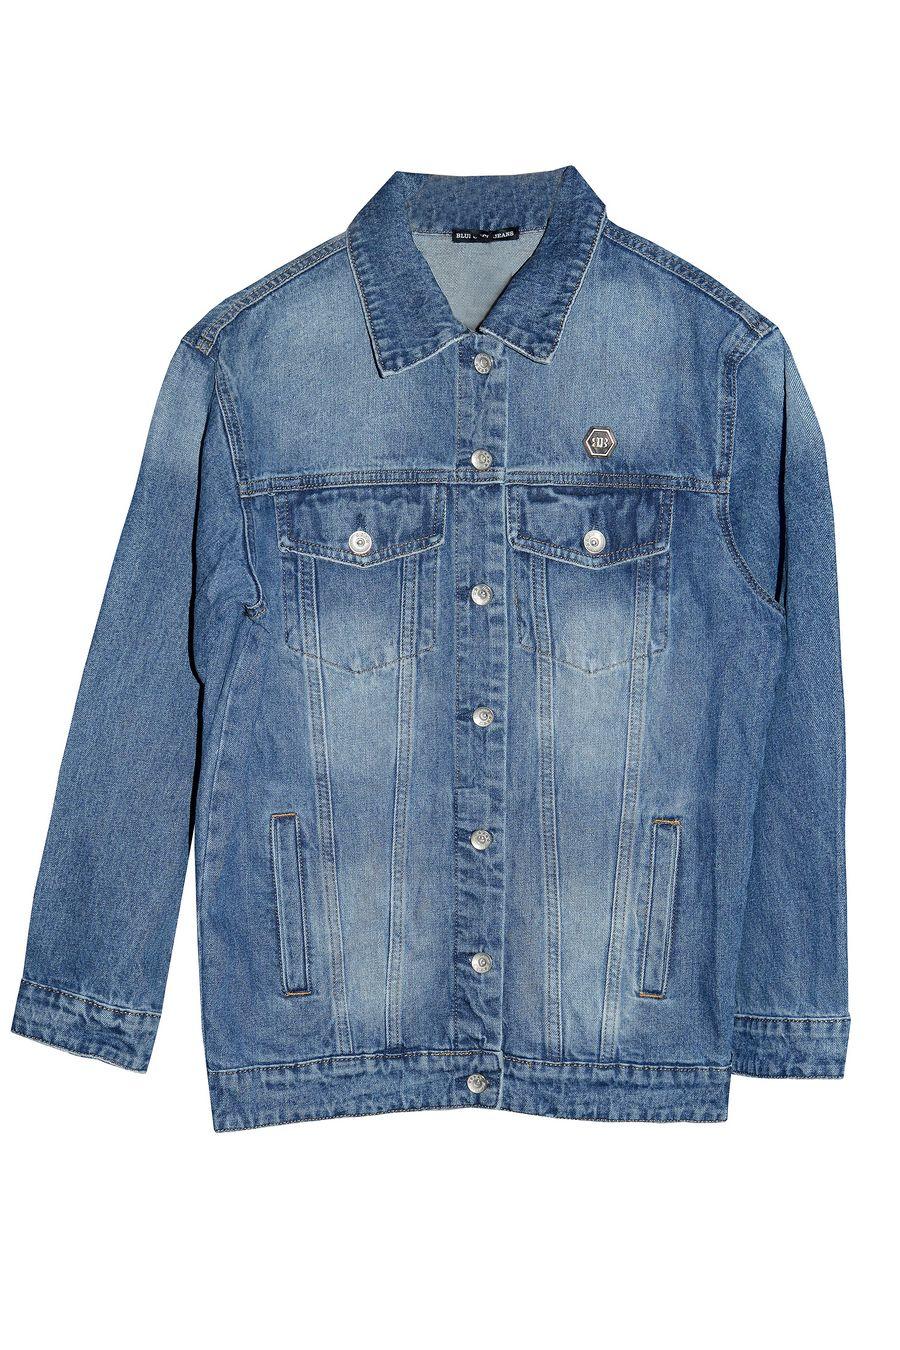 Пиджак женский (джинсовка) Blue Coco 121 - фото 1